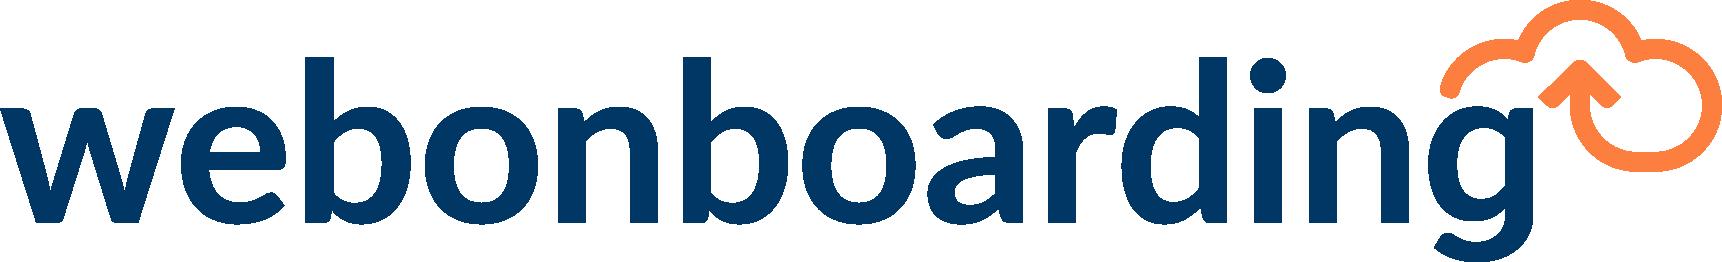 Webonboarding Logo